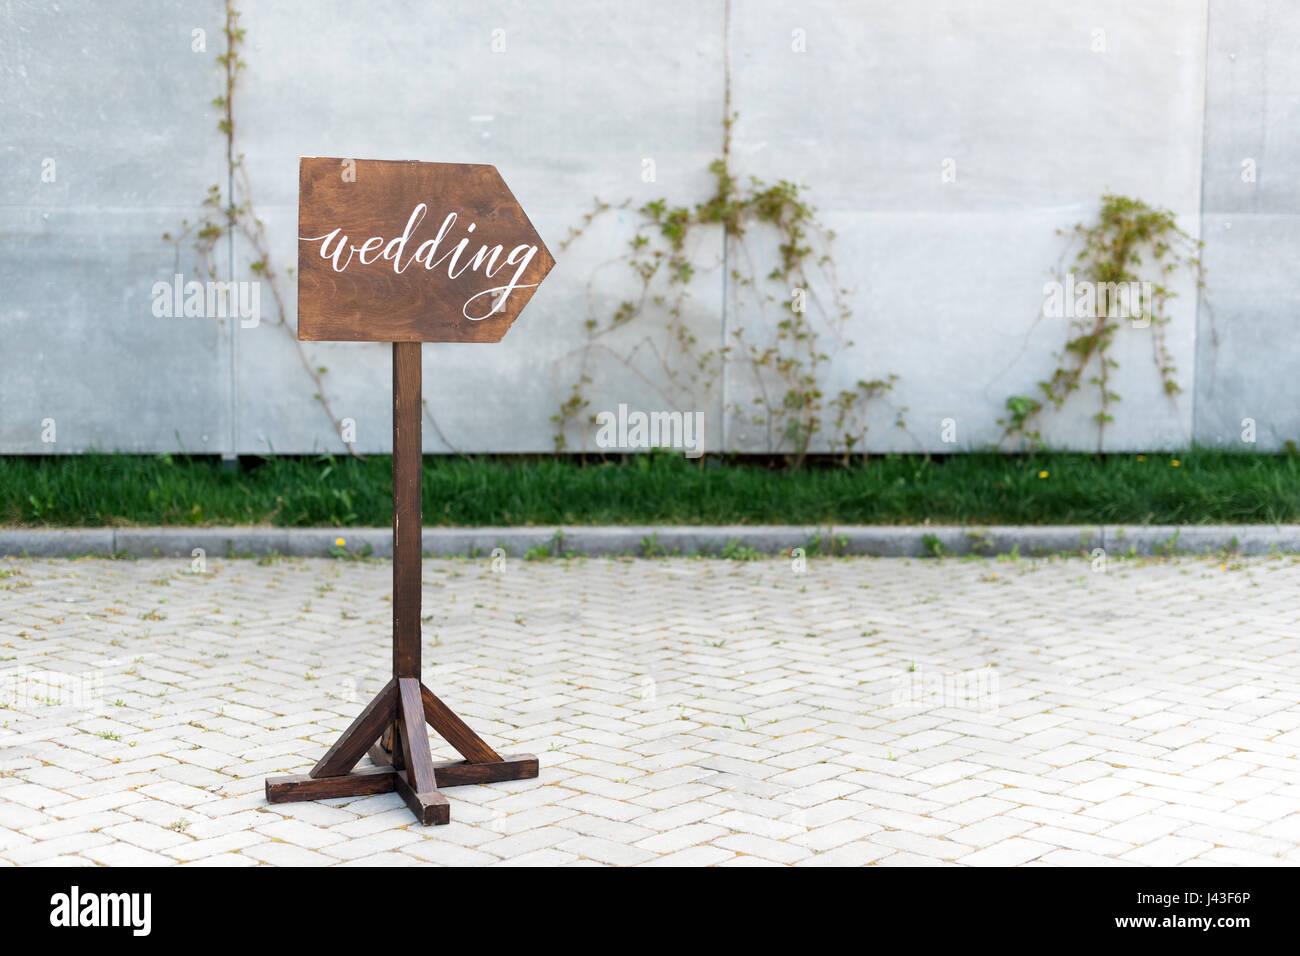 Hochzeit Dekor Holzerne Gedenktafel Mit Der Inschrift In Malen